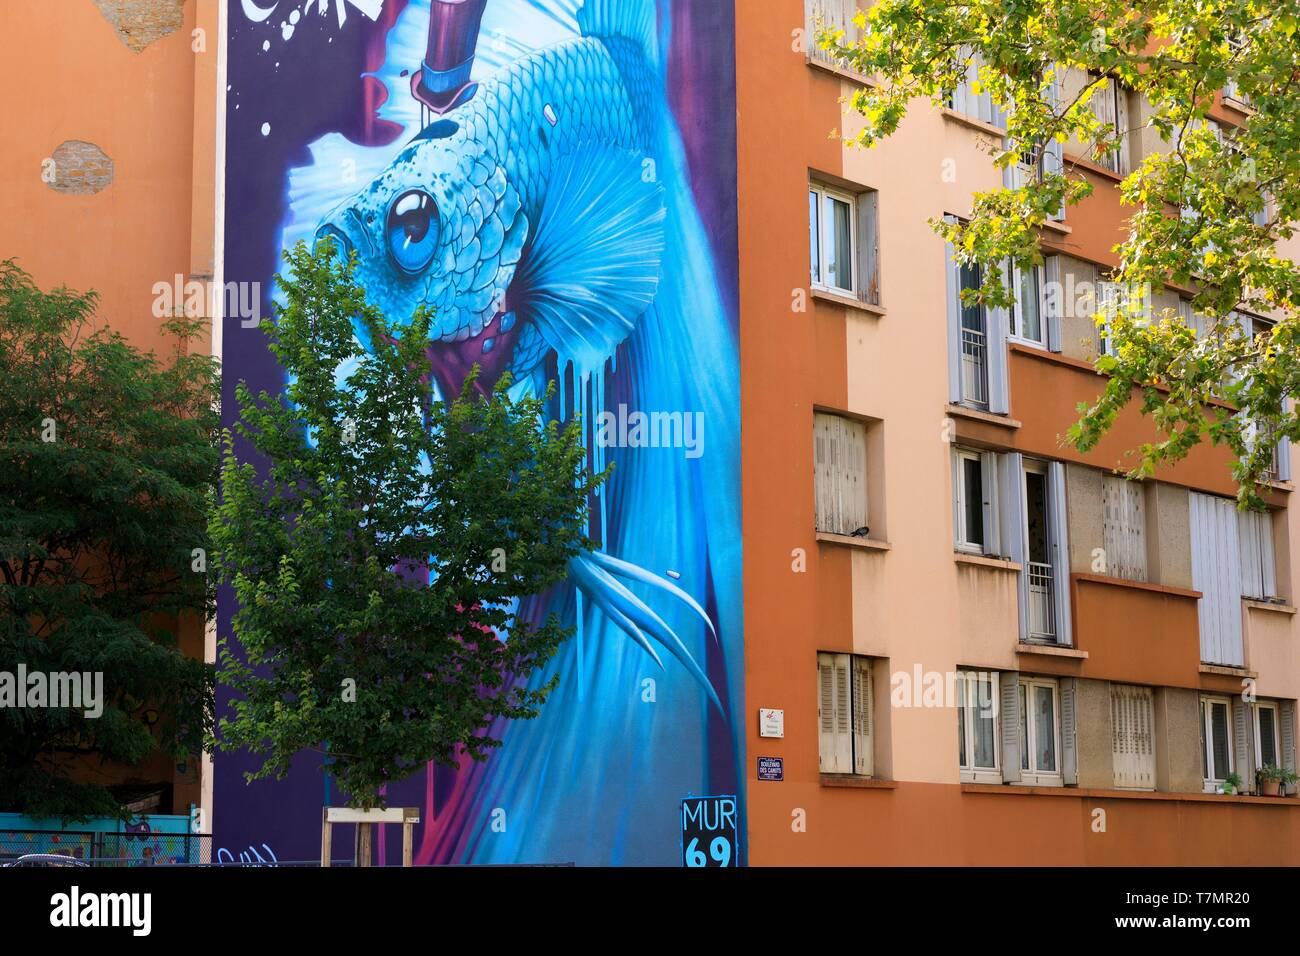 https www alamy com france rhne lyon 4th district le plateau district of la croix rousse place des tapis giant fighter by graffeur kalouf mur69 image245704872 html